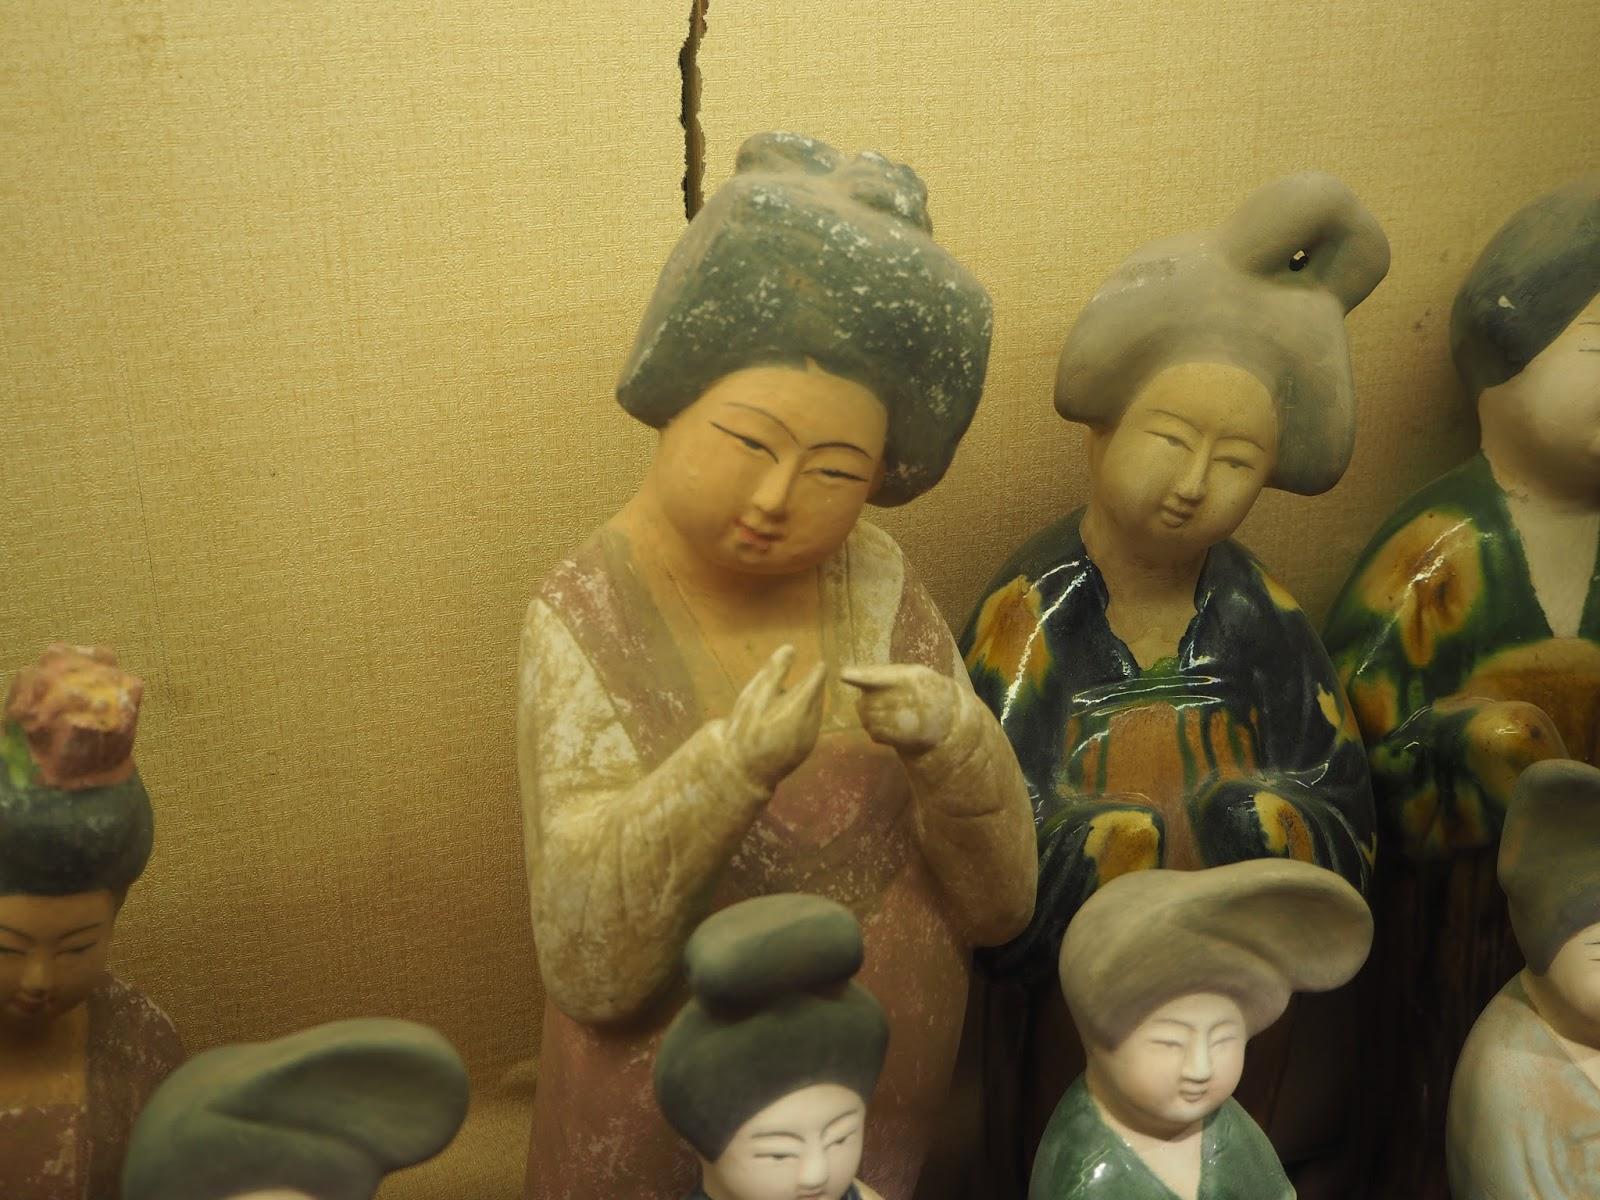 ceramic statue of woman